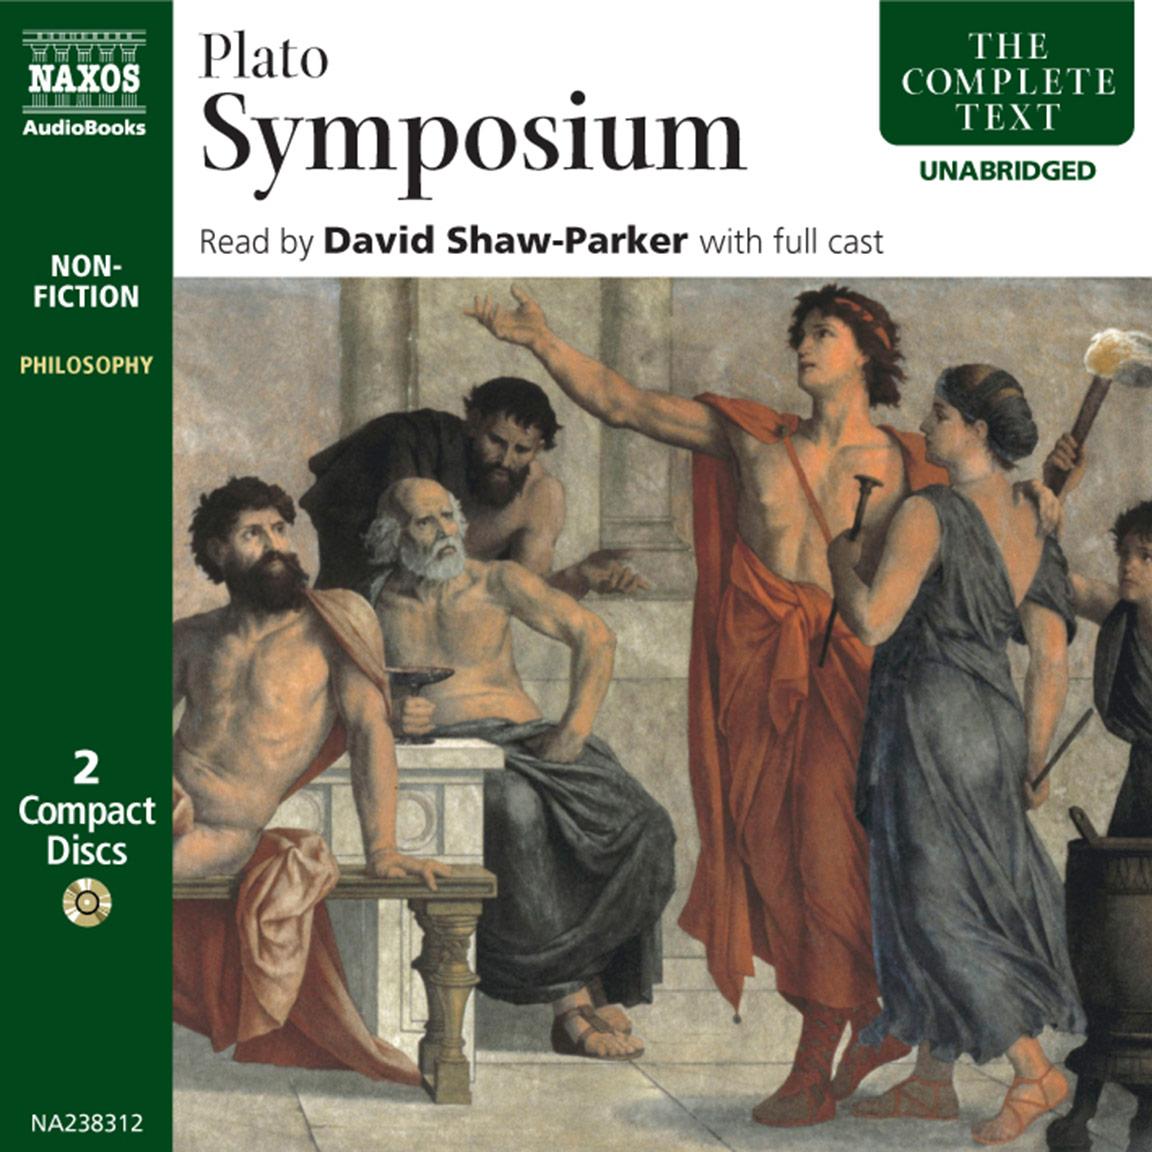 Symposium (unabridged)